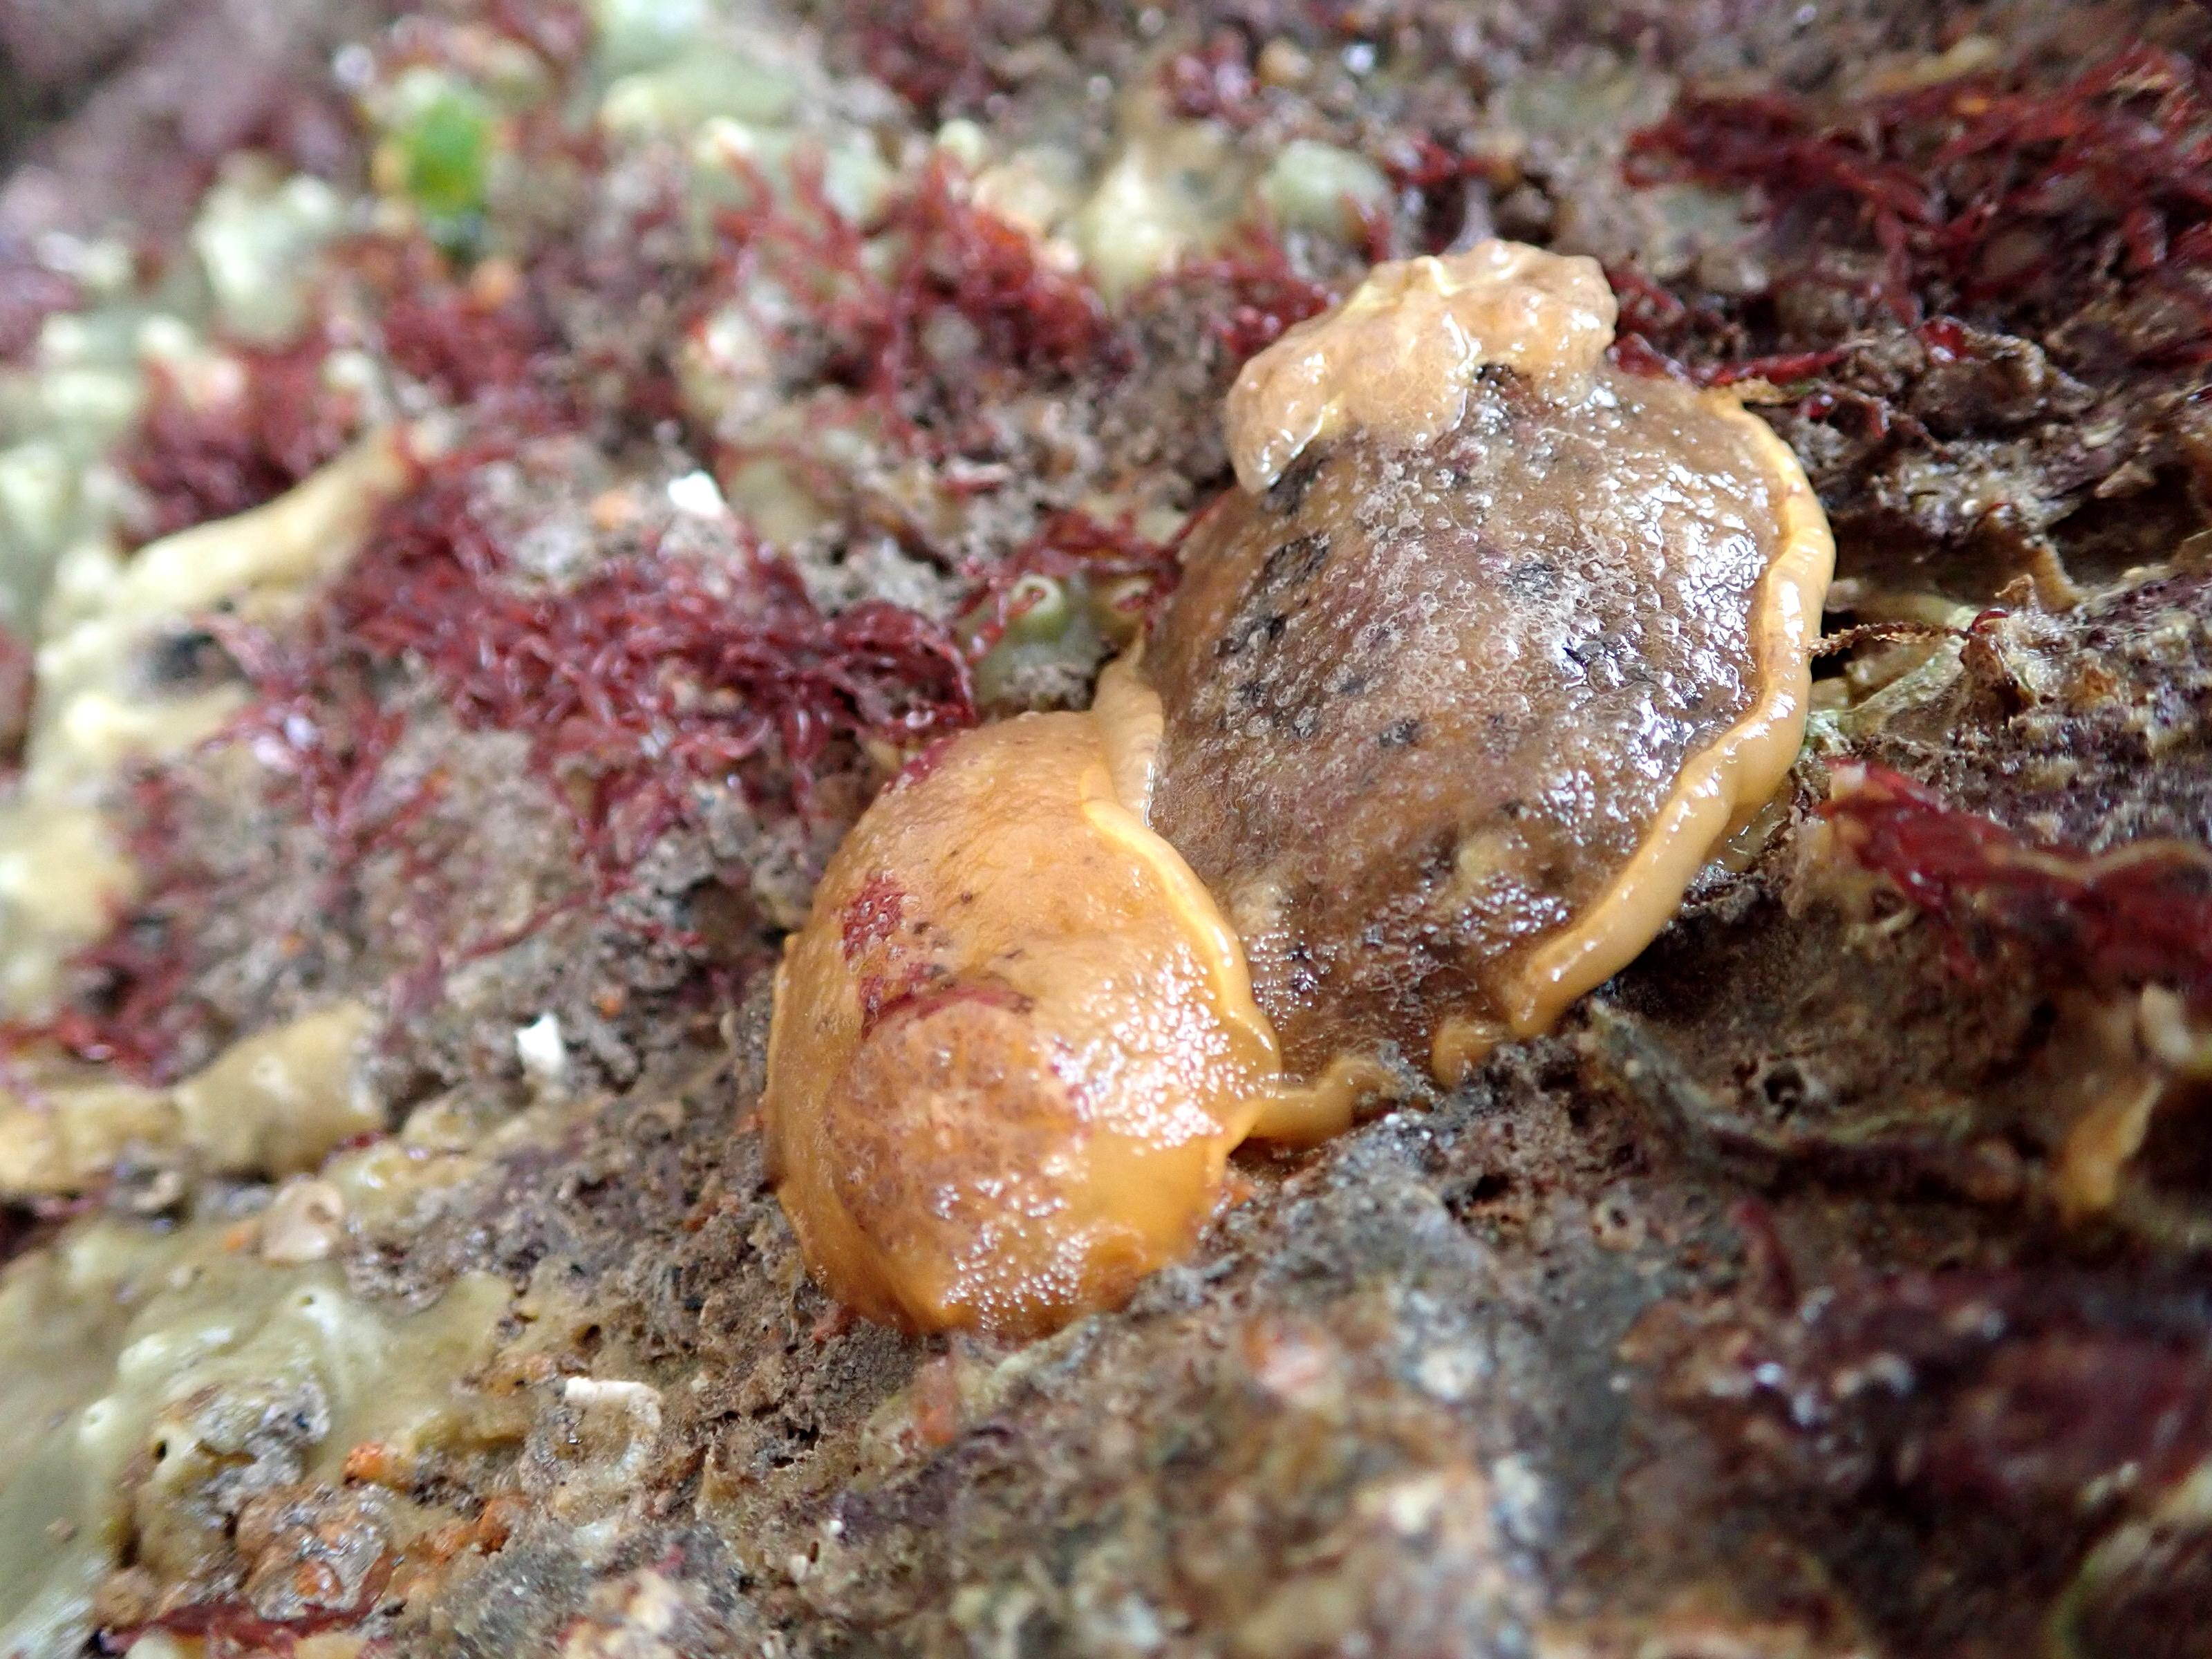 Sea lemons - a type of sea slug - enjoying each other's company.